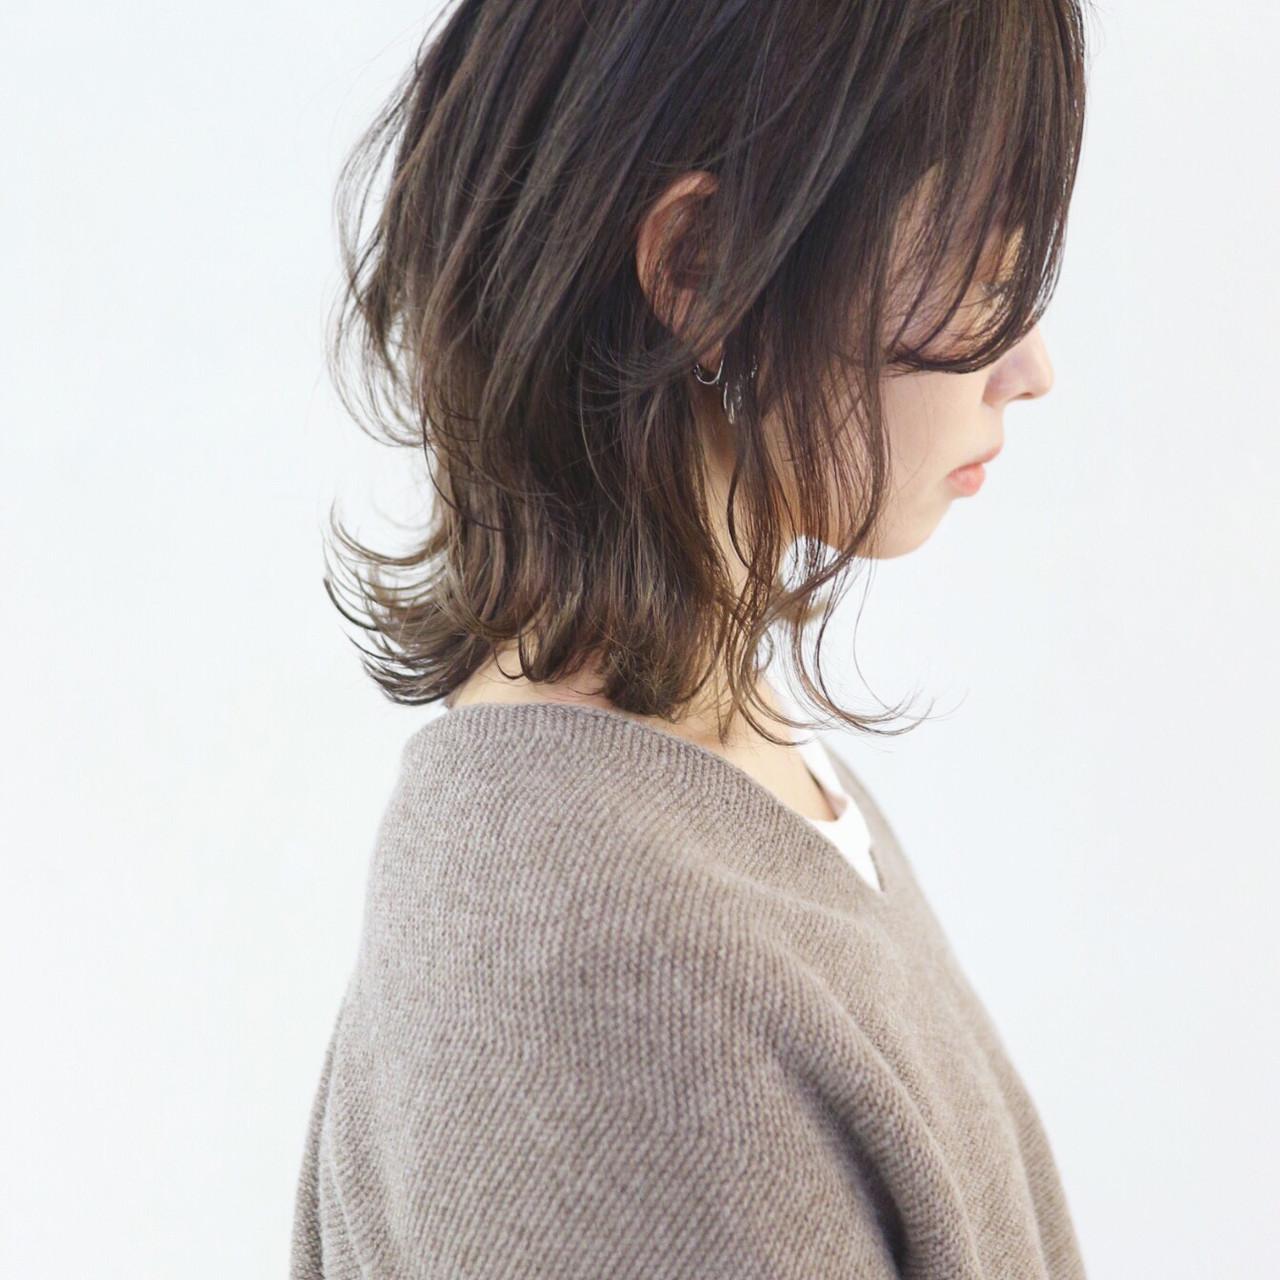 レイヤーヘアー 外ハネ アンニュイほつれヘア フェミニン ヘアスタイルや髪型の写真・画像